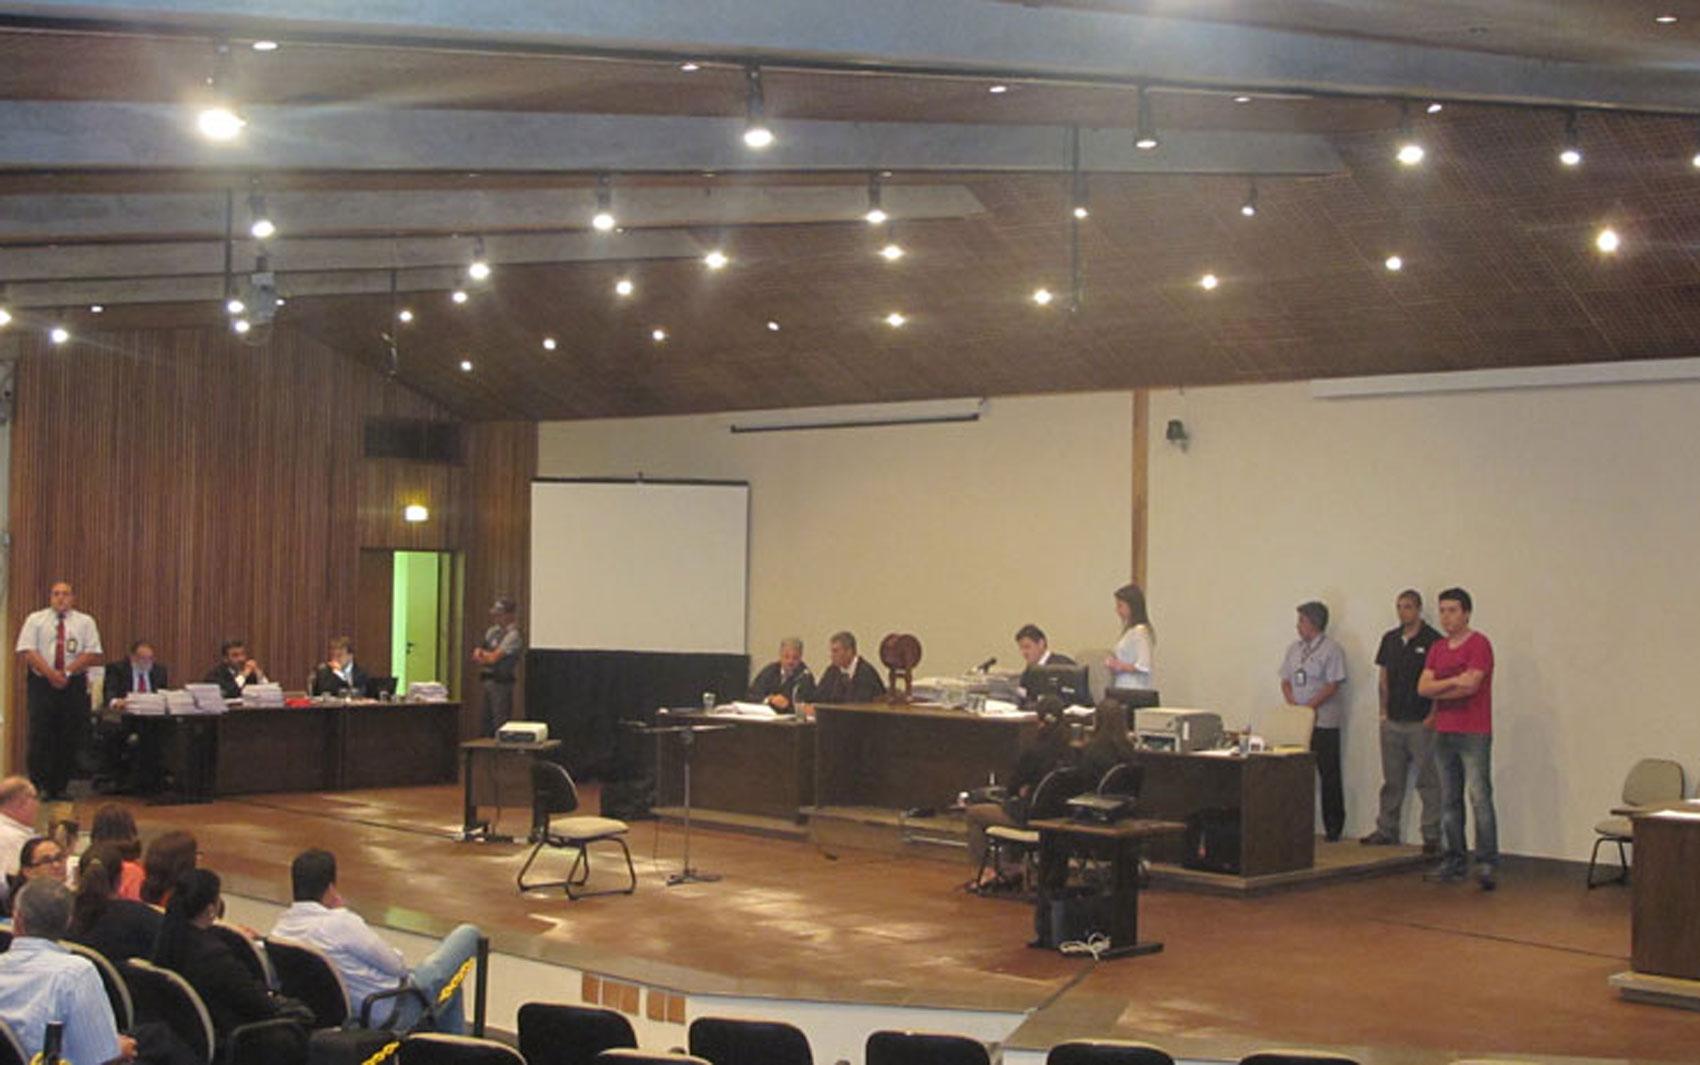 18/2/2013 - Plenário do Fórum da Barra Funda, na Zona Oeste de São Paulo, recebe o júri do caso Gil Rugai.